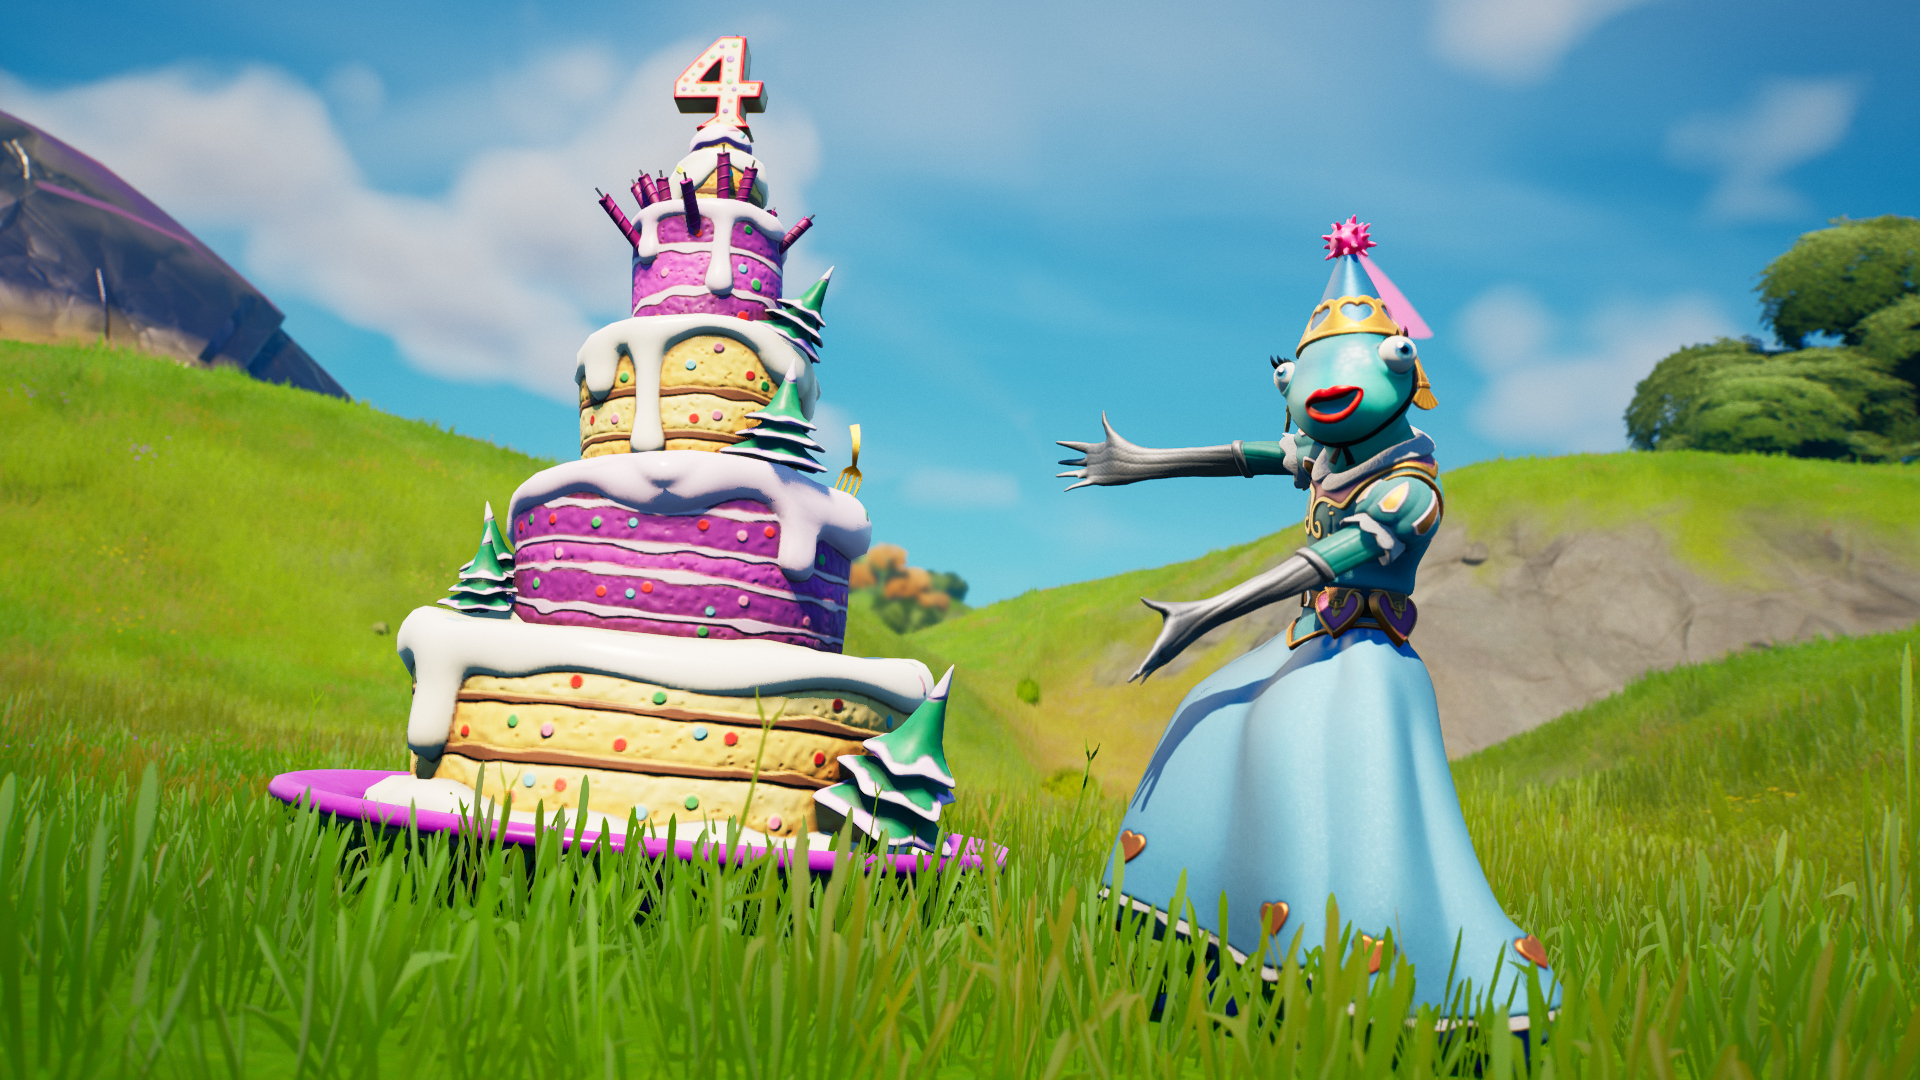 Fortnite Birthday celebration